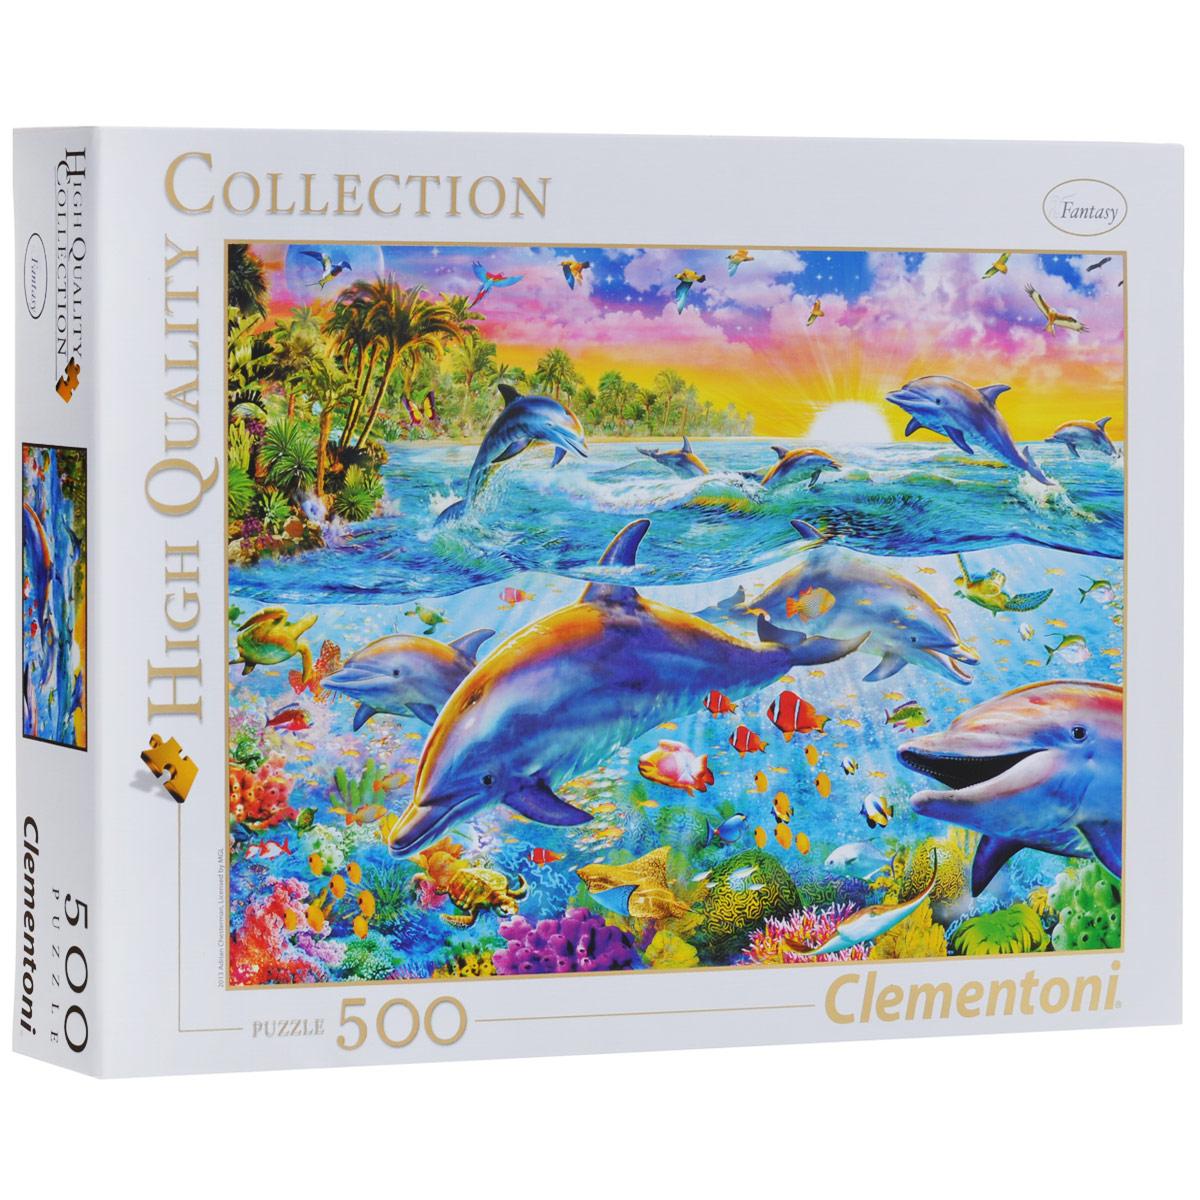 Тропические дельфины. Пазл, 500 элементов30170Пазл Тропические дельфины, без сомнения, придется вам по душе. Собрав этот пазл, включающий в себя 500 элементов, вы получите великолепную картину британского художника цифровой живописи с изображением дельфинов, раскрывающую перед зрителем все волшебство подводного мира тропиков. Пазлы - прекрасное антистрессовое средство для взрослых и замечательная развивающая игра для детей. Собирание пазла развивает у ребенка мелкую моторику рук, тренирует наблюдательность, логическое мышление, знакомит с окружающим миром, с цветом и разнообразными формами, учит усидчивости и терпению, аккуратности и вниманию. Собирание пазла - прекрасное времяпрепровождение для всей семьи.